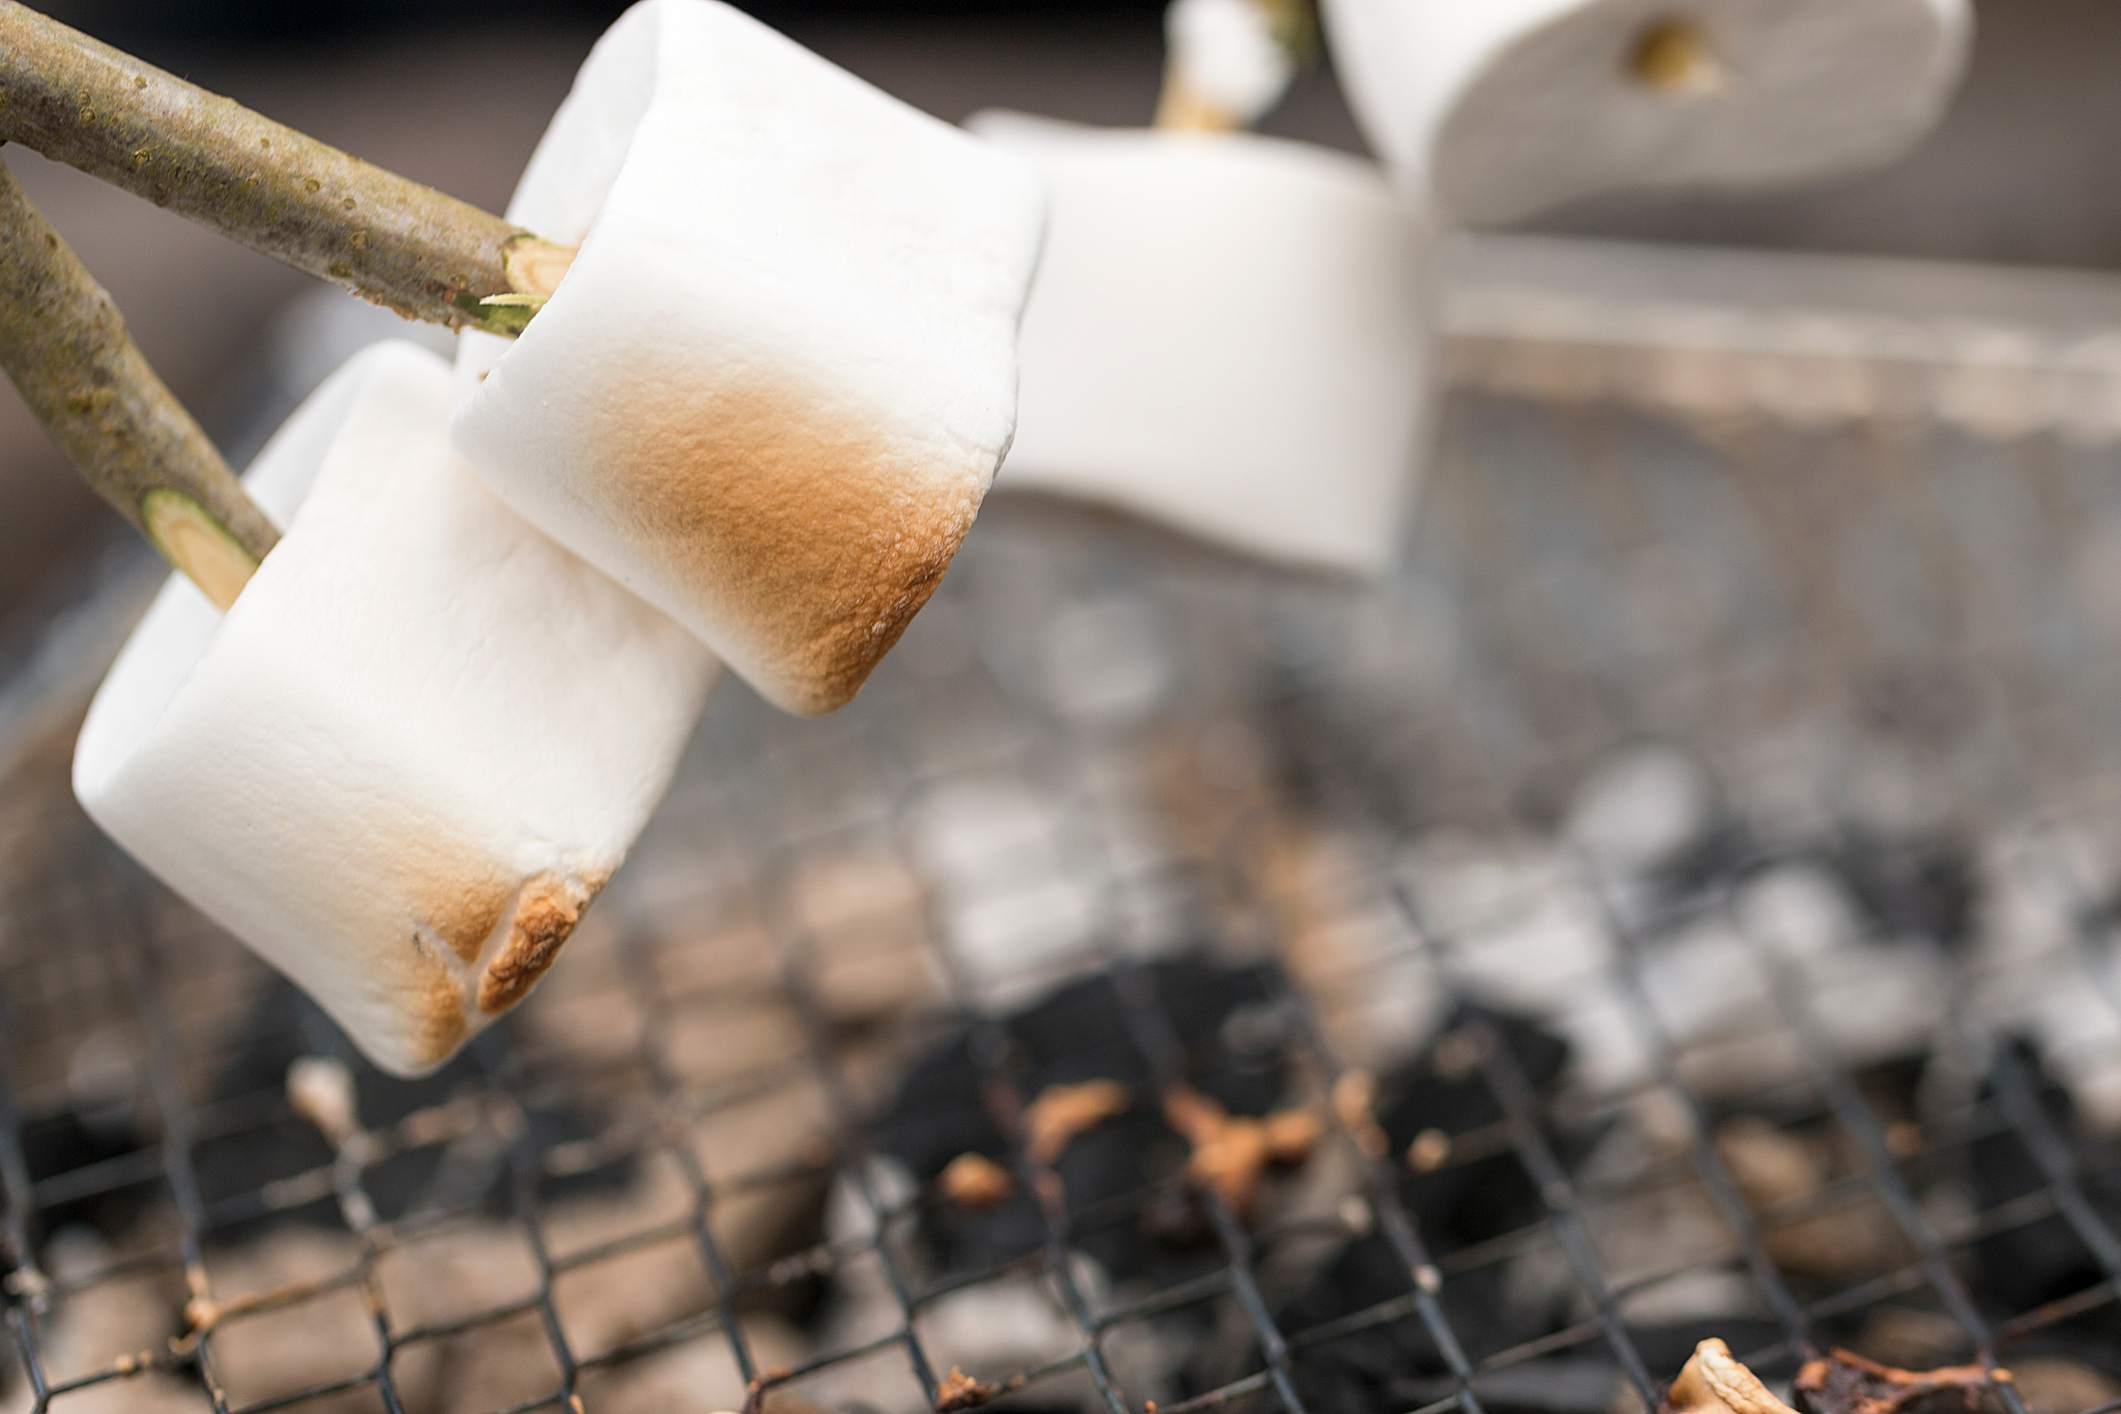 Marshmallows toasting on sticks